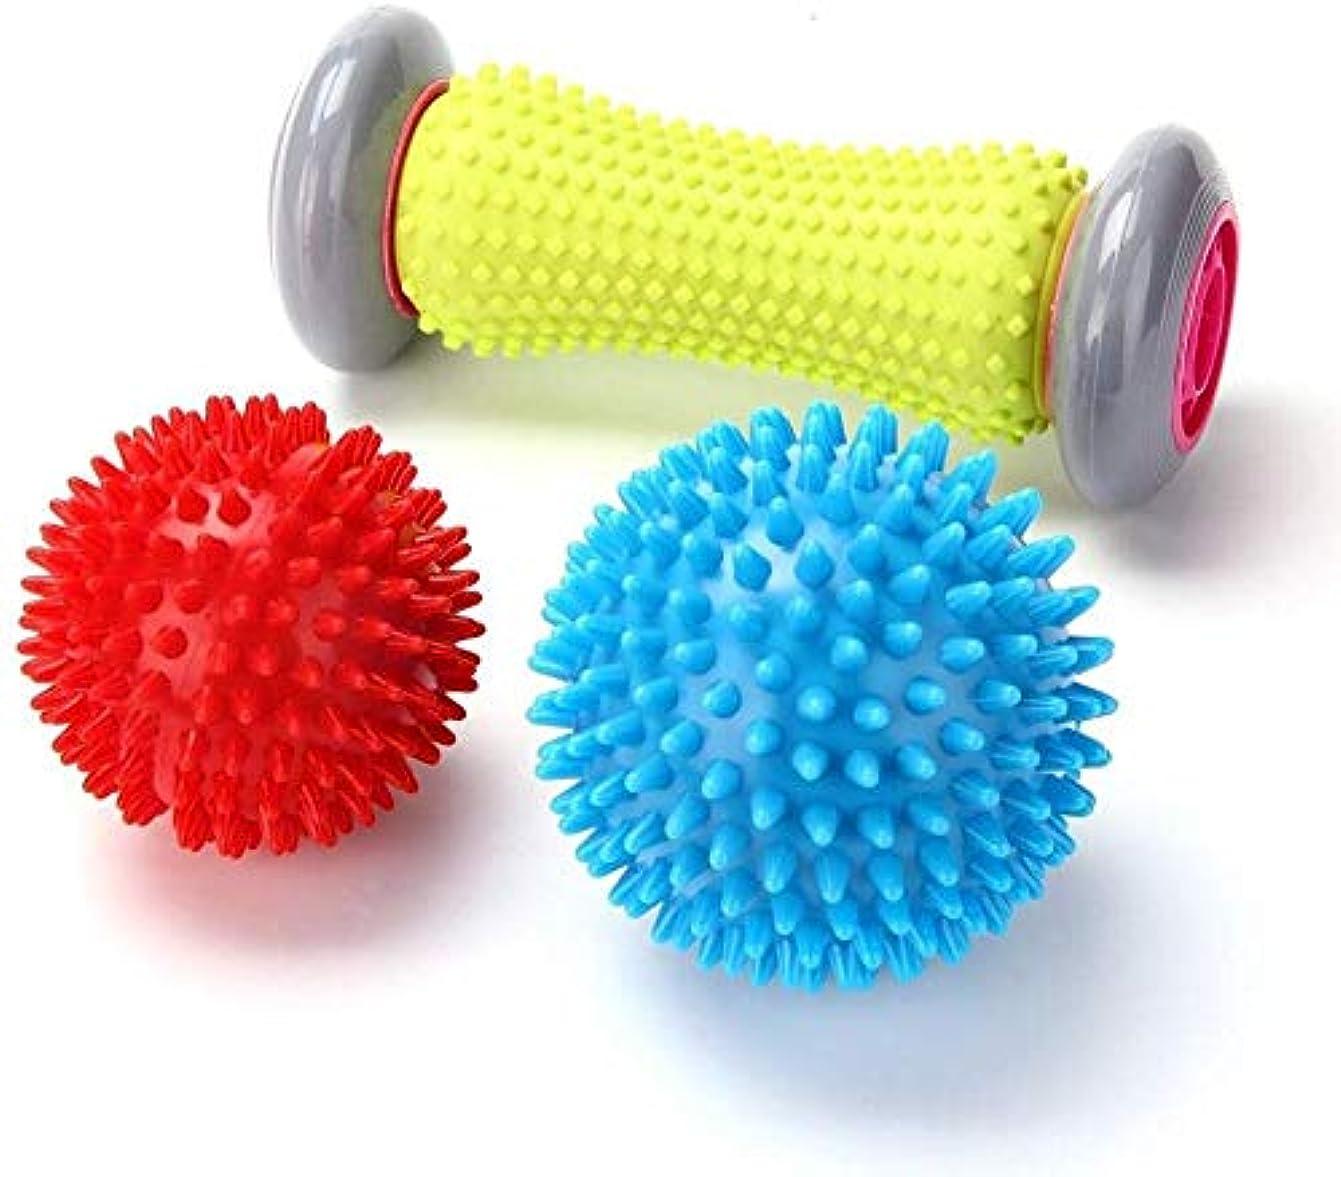 誤解を招くピアースエイリアスフットマッサージローラースパイキーボール-足底筋膜炎の筋肉ローラースティック(1ローラー+ 2ボール),1 Roller +2 Balls